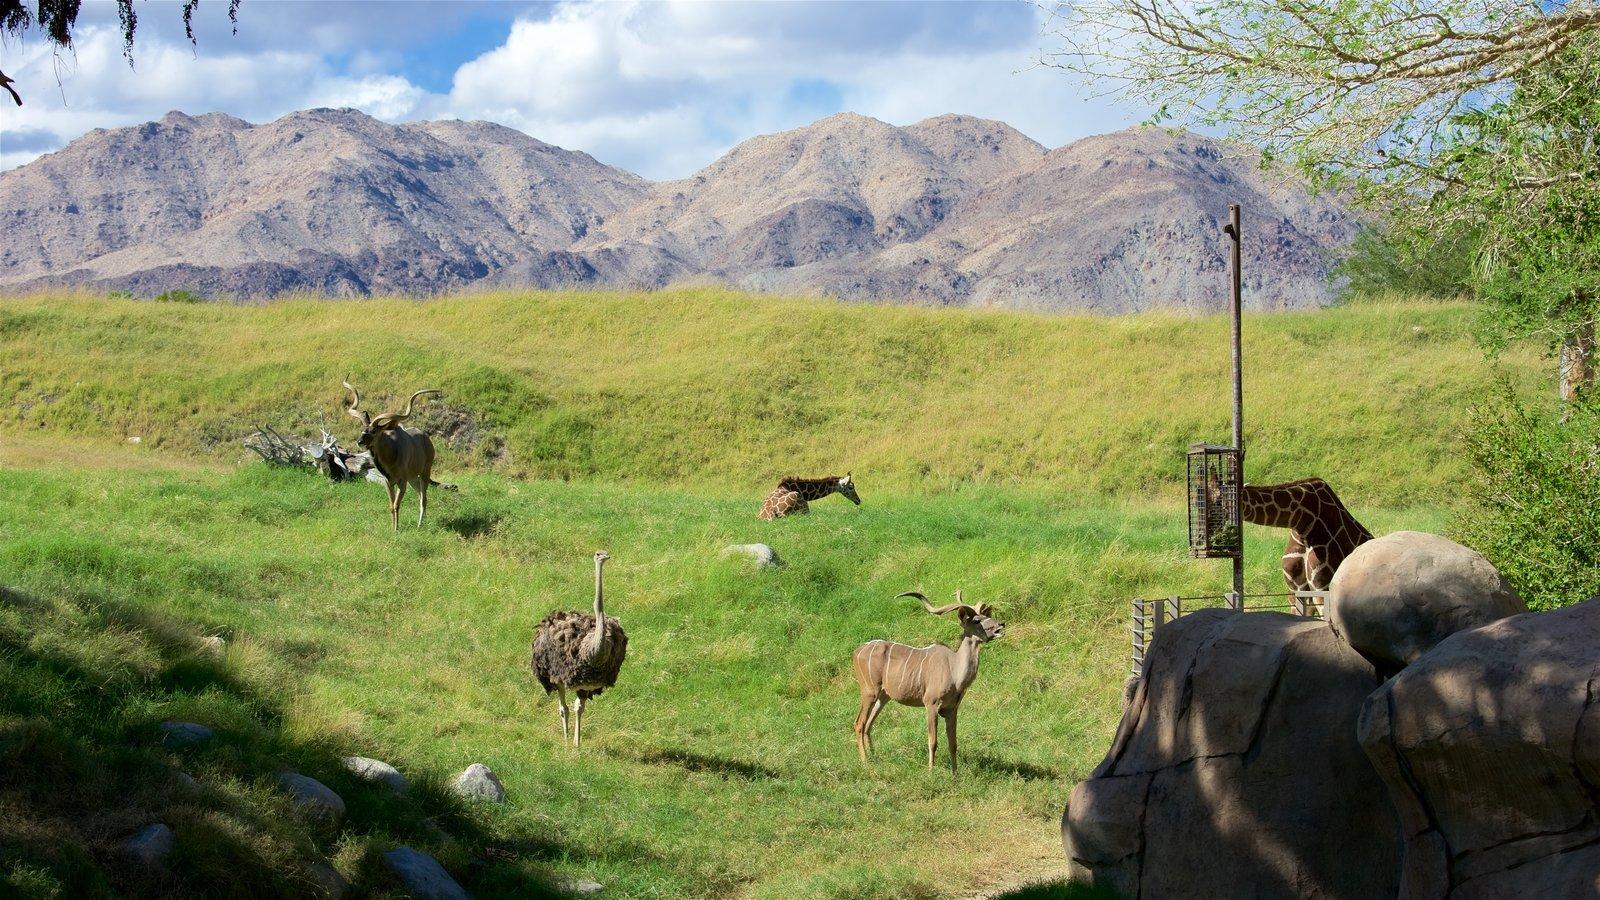 Zoológico y jardines Living Desert ofreciendo escenas tranquilas, montañas y animales terrestres